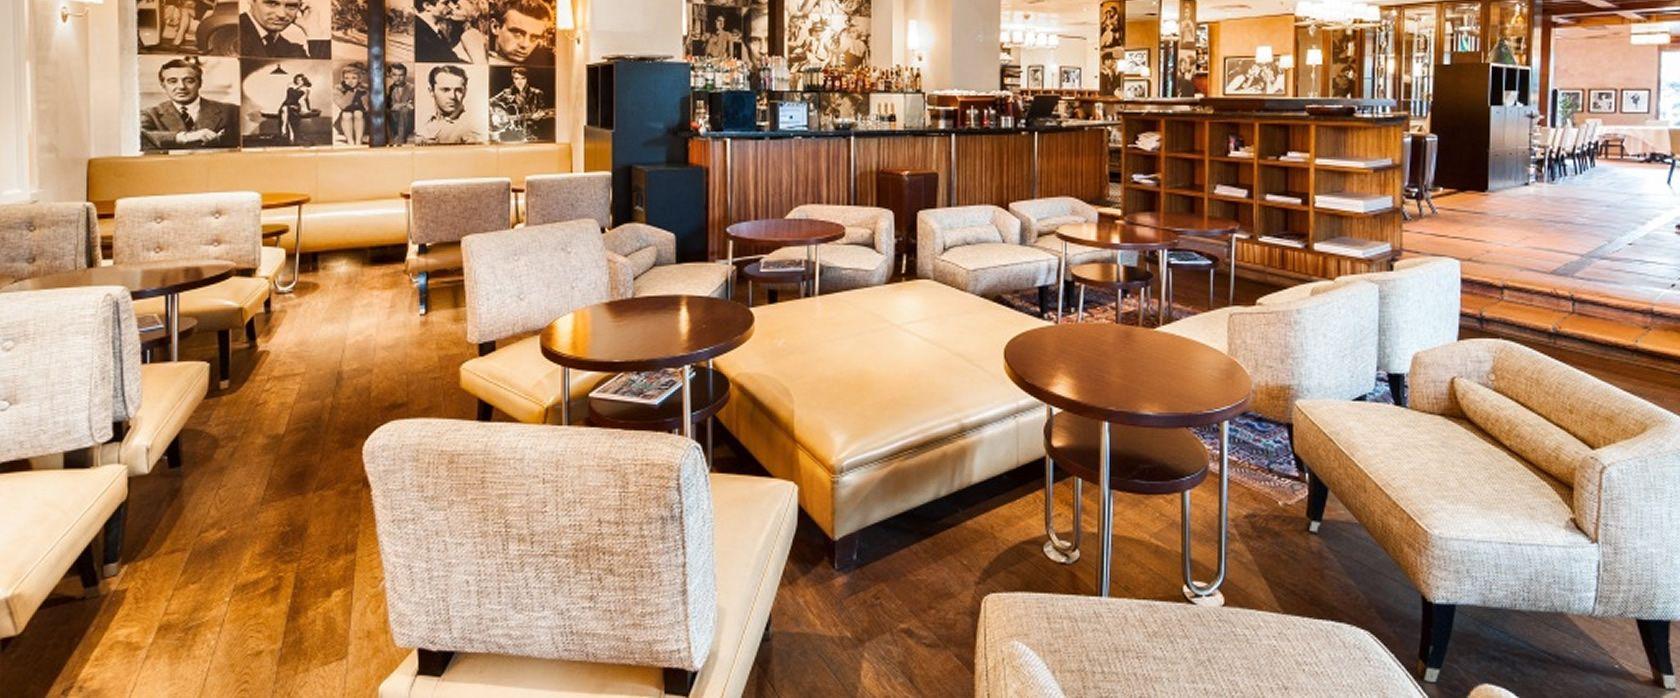 """Paper Moon Milano. Um dos restaurantes mais tradicionais da cidade, mas daqueles com comida """"de verdade"""".  Perfeito pra quem quer comer bem, numa boa localização no centro da cidade, mas sem gastar muito."""